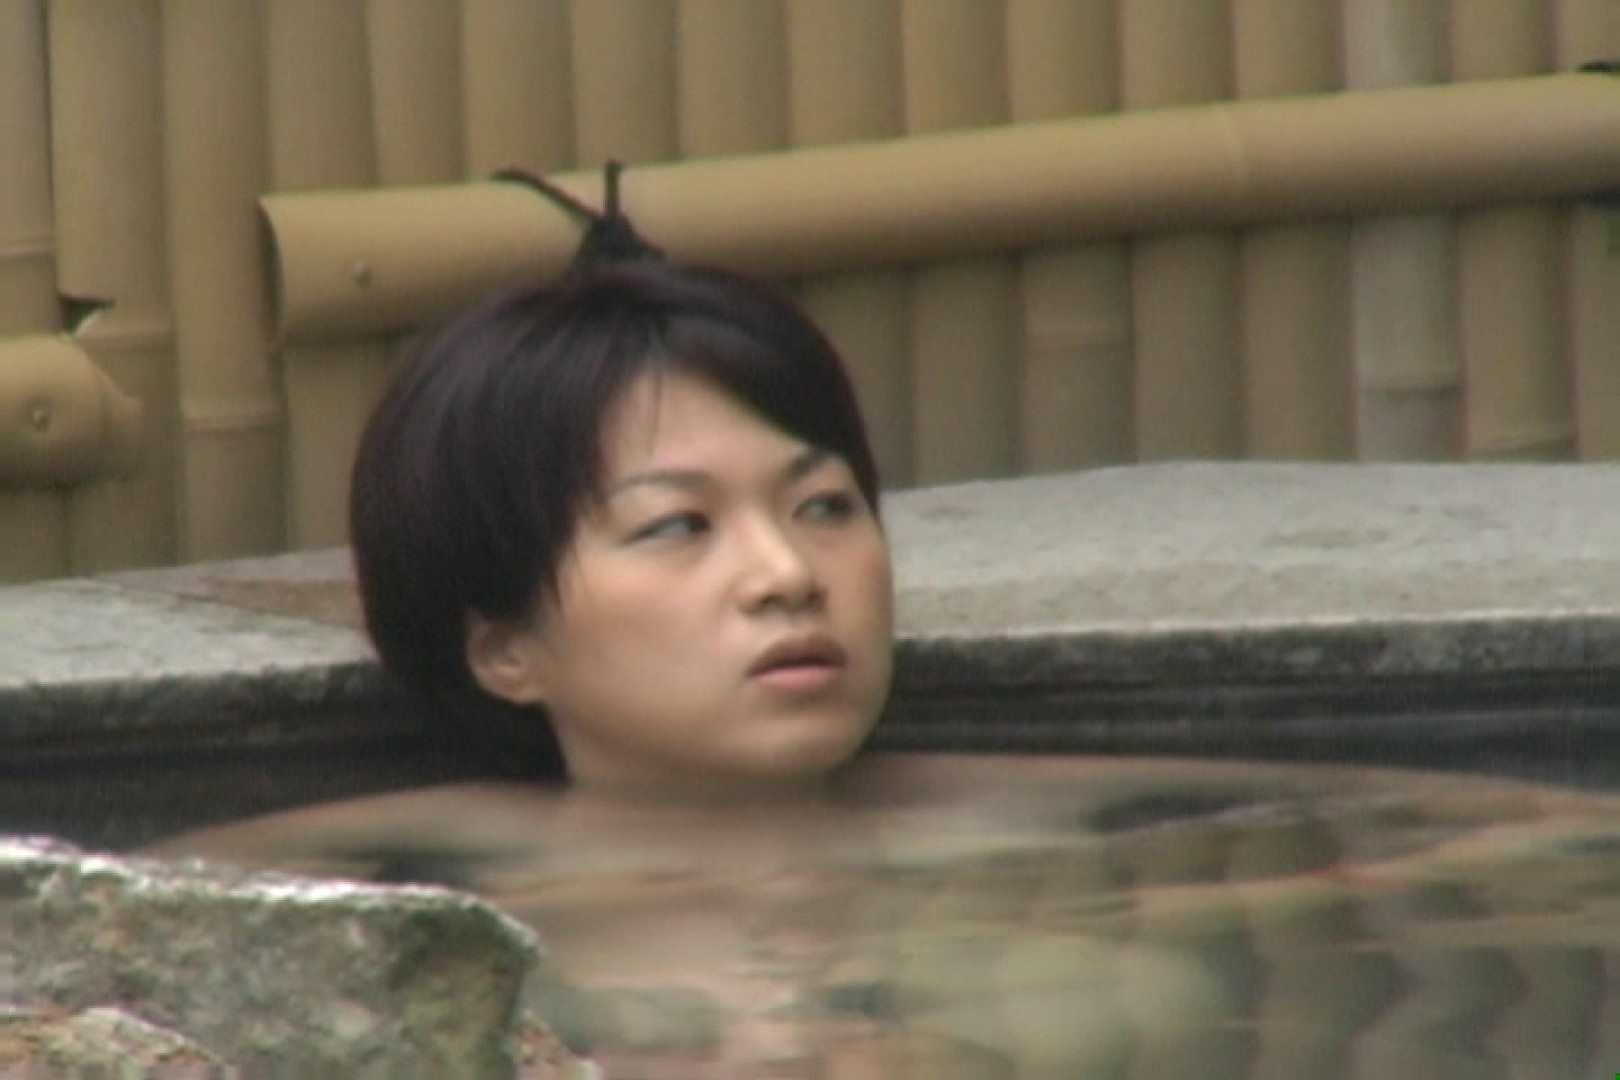 Aquaな露天風呂Vol.624 露天  52画像 36